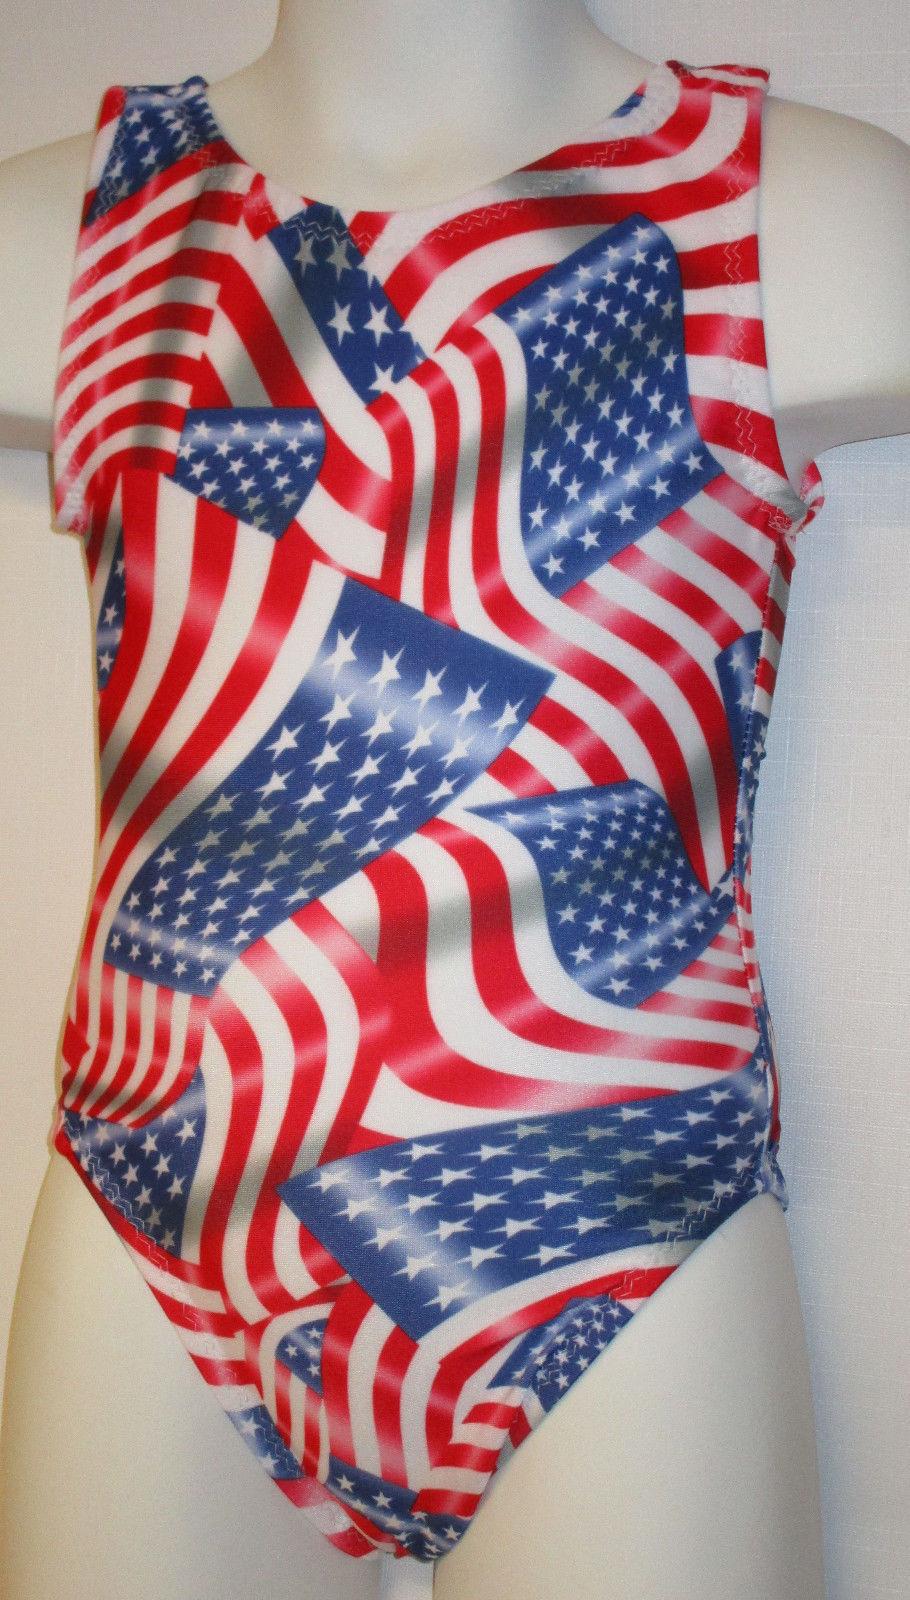 FlipFlop Leos Gymnastics Leotard,  Gymnast Leotards - FLAG, GO USA! for sale  USA